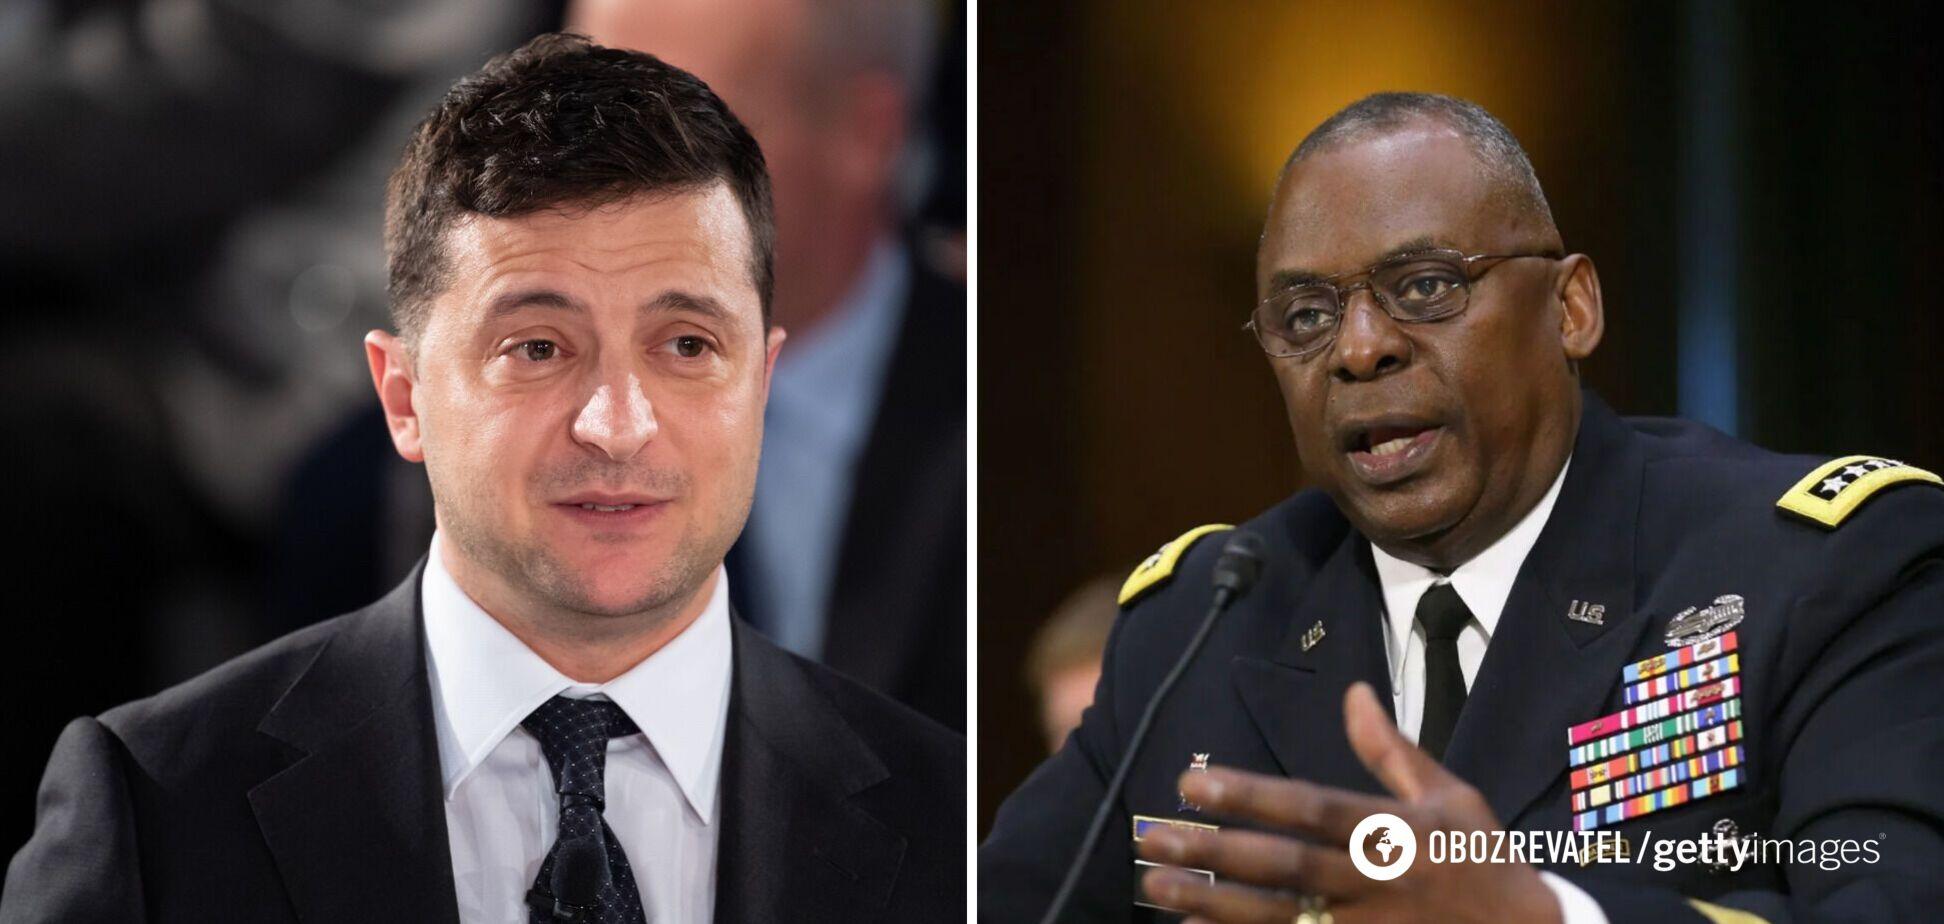 Украина и США подписали соглашение о стратегическом партнерстве в обороне: детали, фото и видео